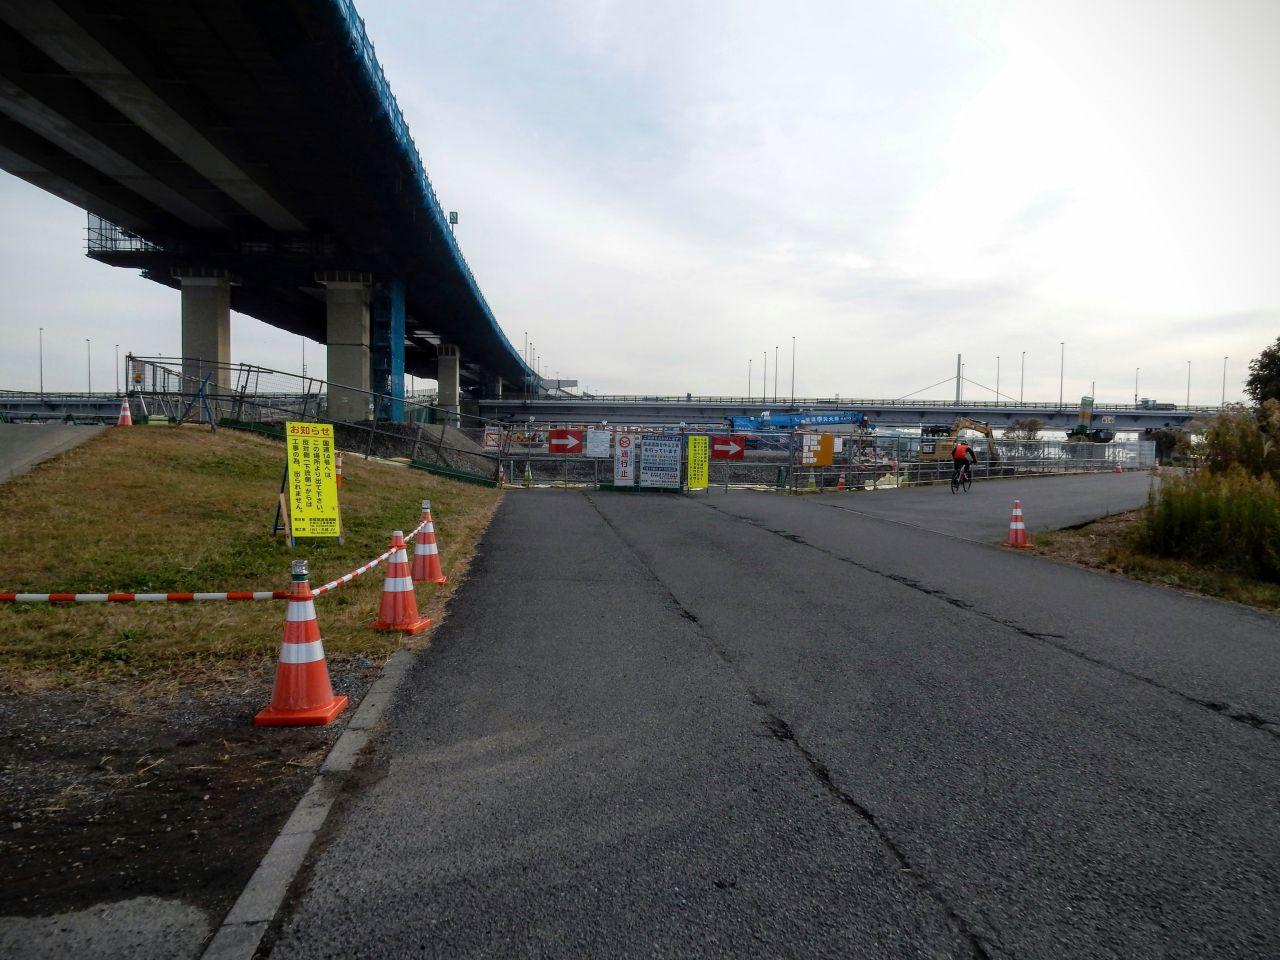 荒川サイクリングロード 迂回路 左岸 京葉道路